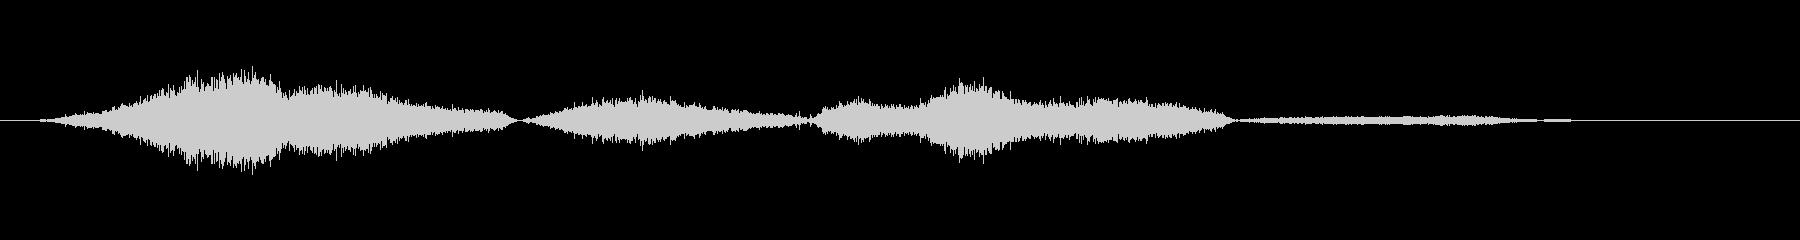 スネークヒス、インとアウトの未再生の波形